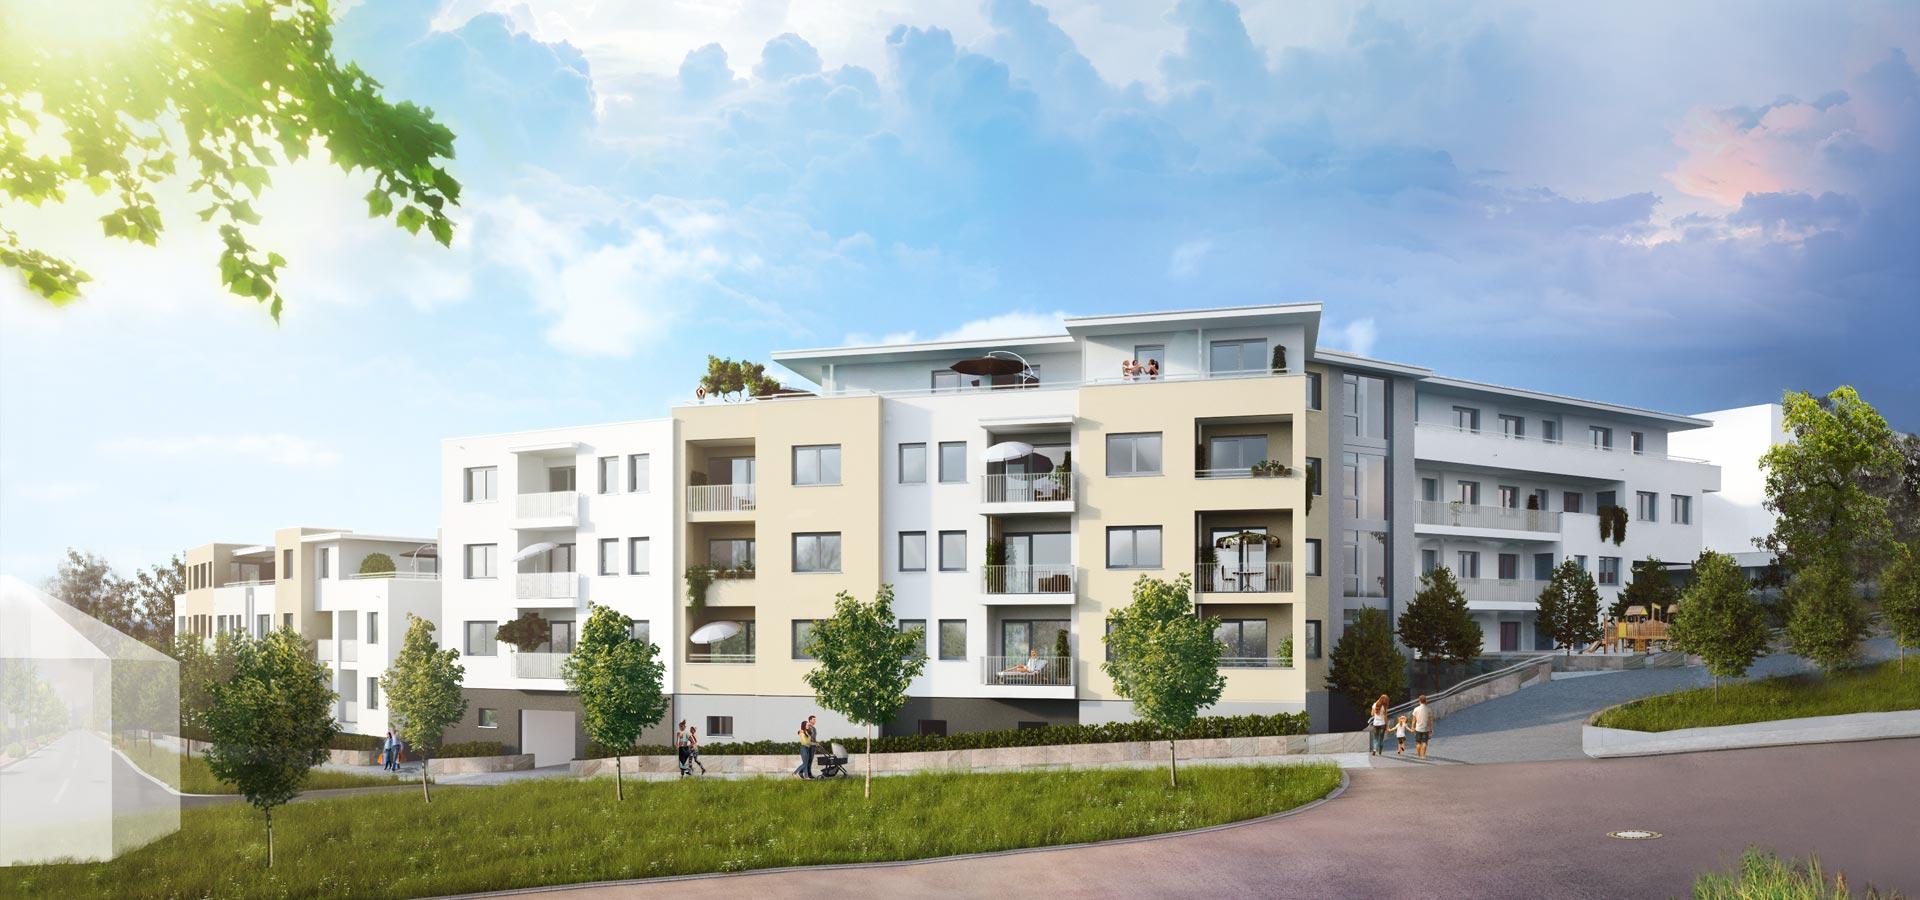 OPUS Marketing / Immobilienmarketing / Visualisierung, außen